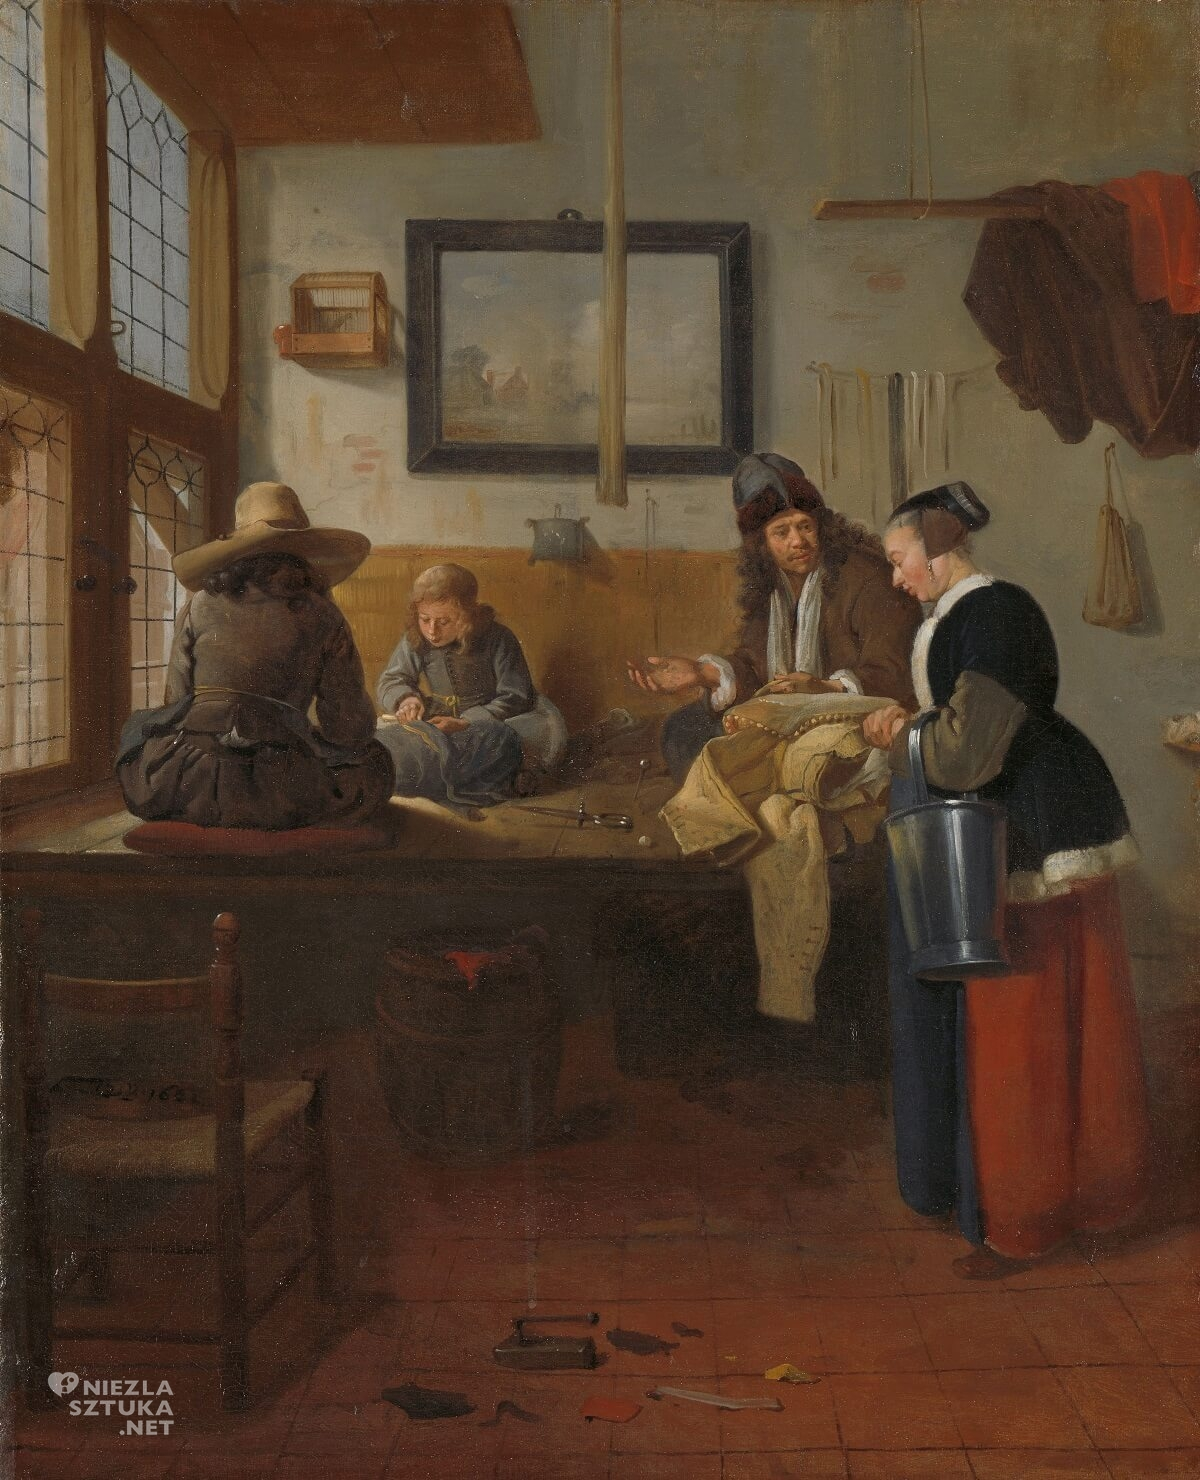 Quiringh van Brekelenkam, Wnętrze krawieckiego warsztatu, malarz holenderski, sztuka niderlandzka, Niezła Sztuka